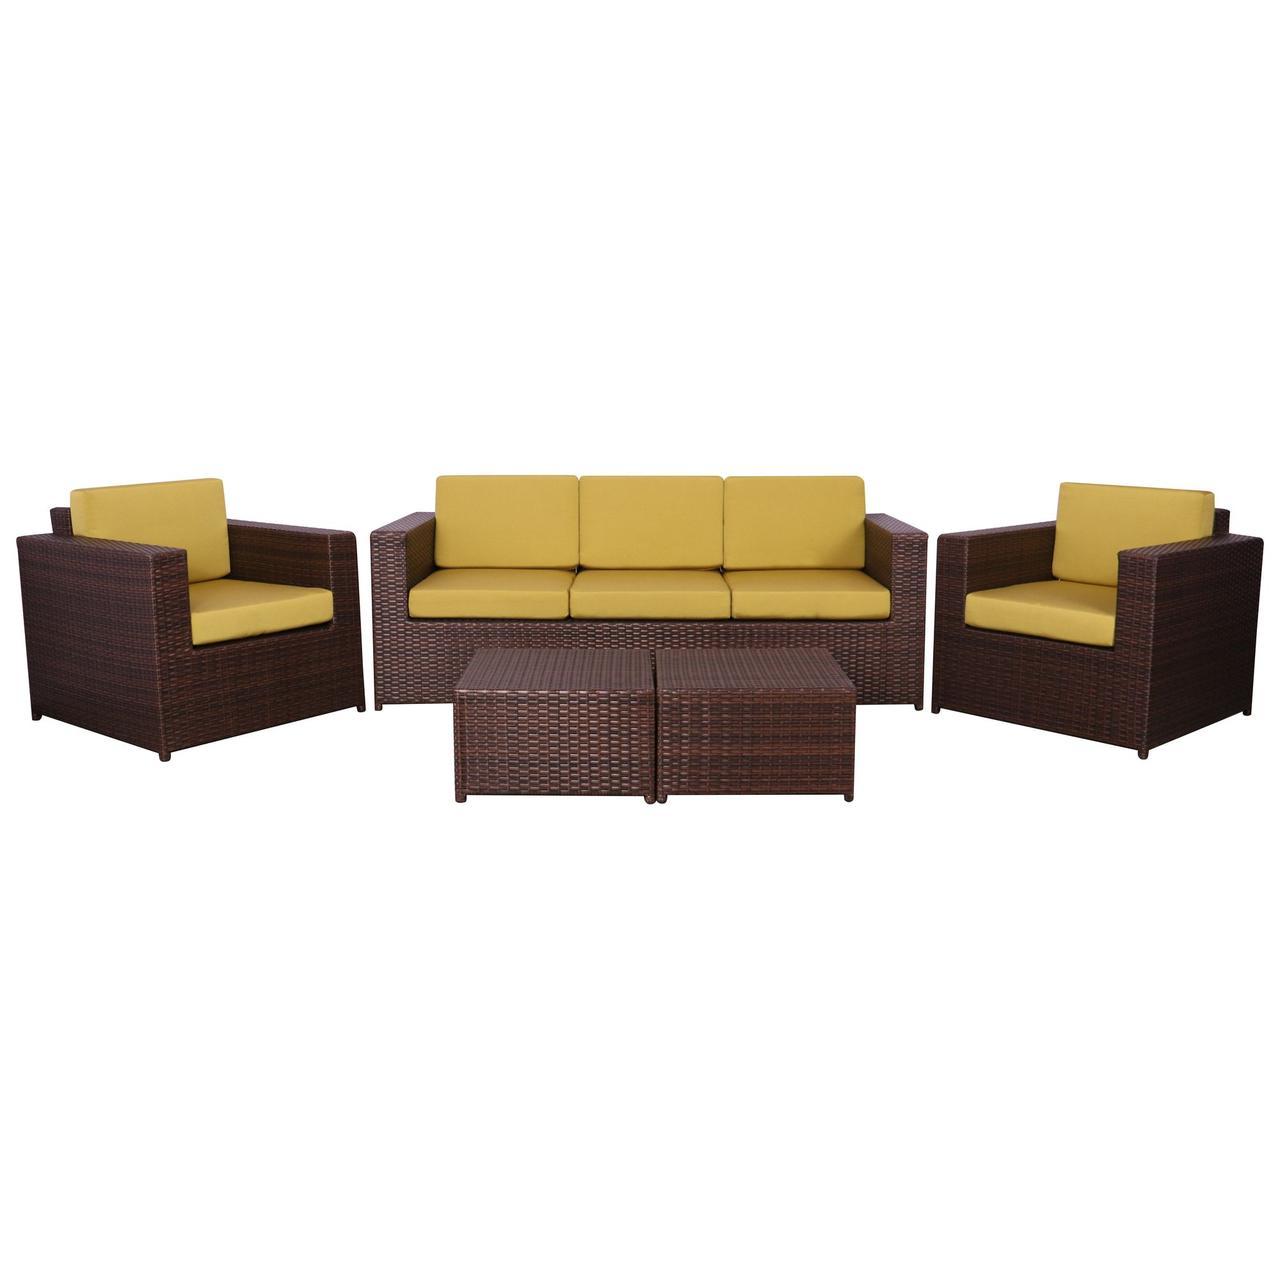 Комплект мебели Santo из ротанга Elit (SC-B9508) Brown Mixed YF1217 ткань A14203